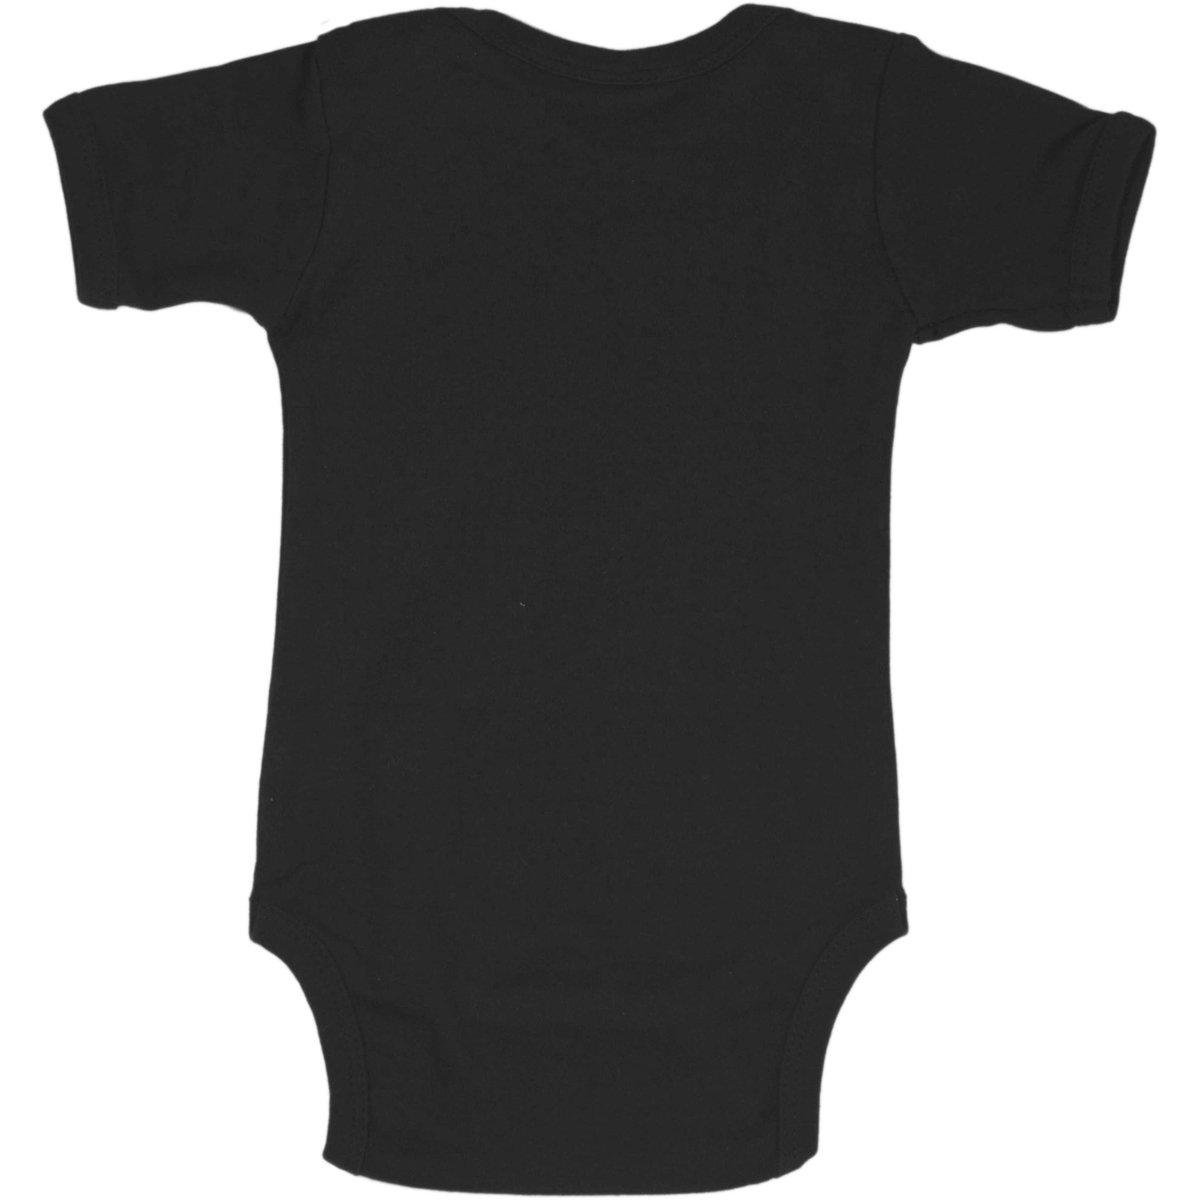 Body Bebe Frases Engraçadas E Divertidas Mãe Mamãe Botão Criativa